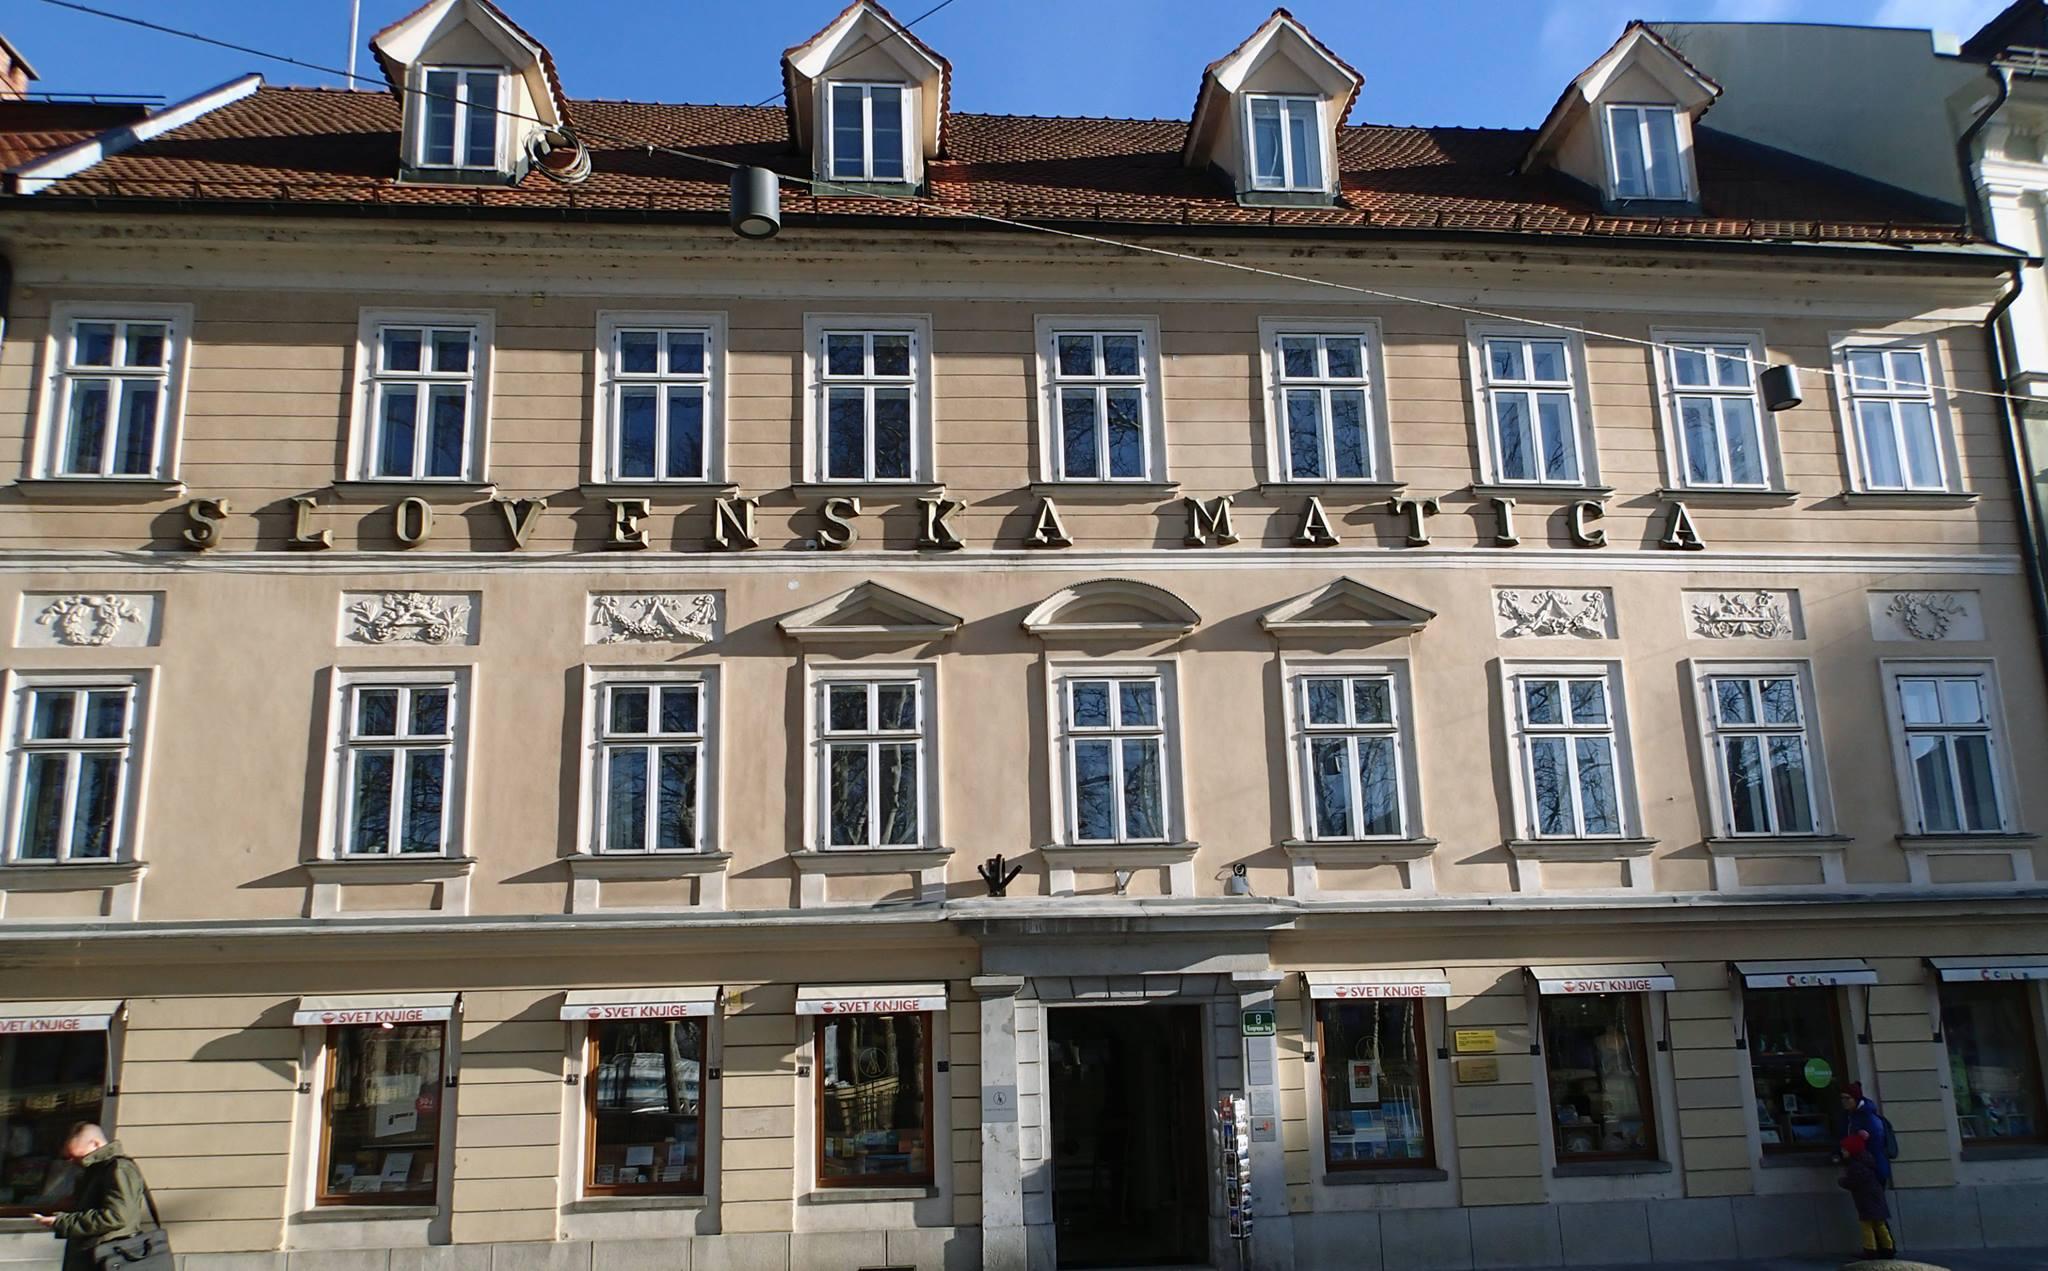 Ob 155-letnici delovanja Slovenske matice